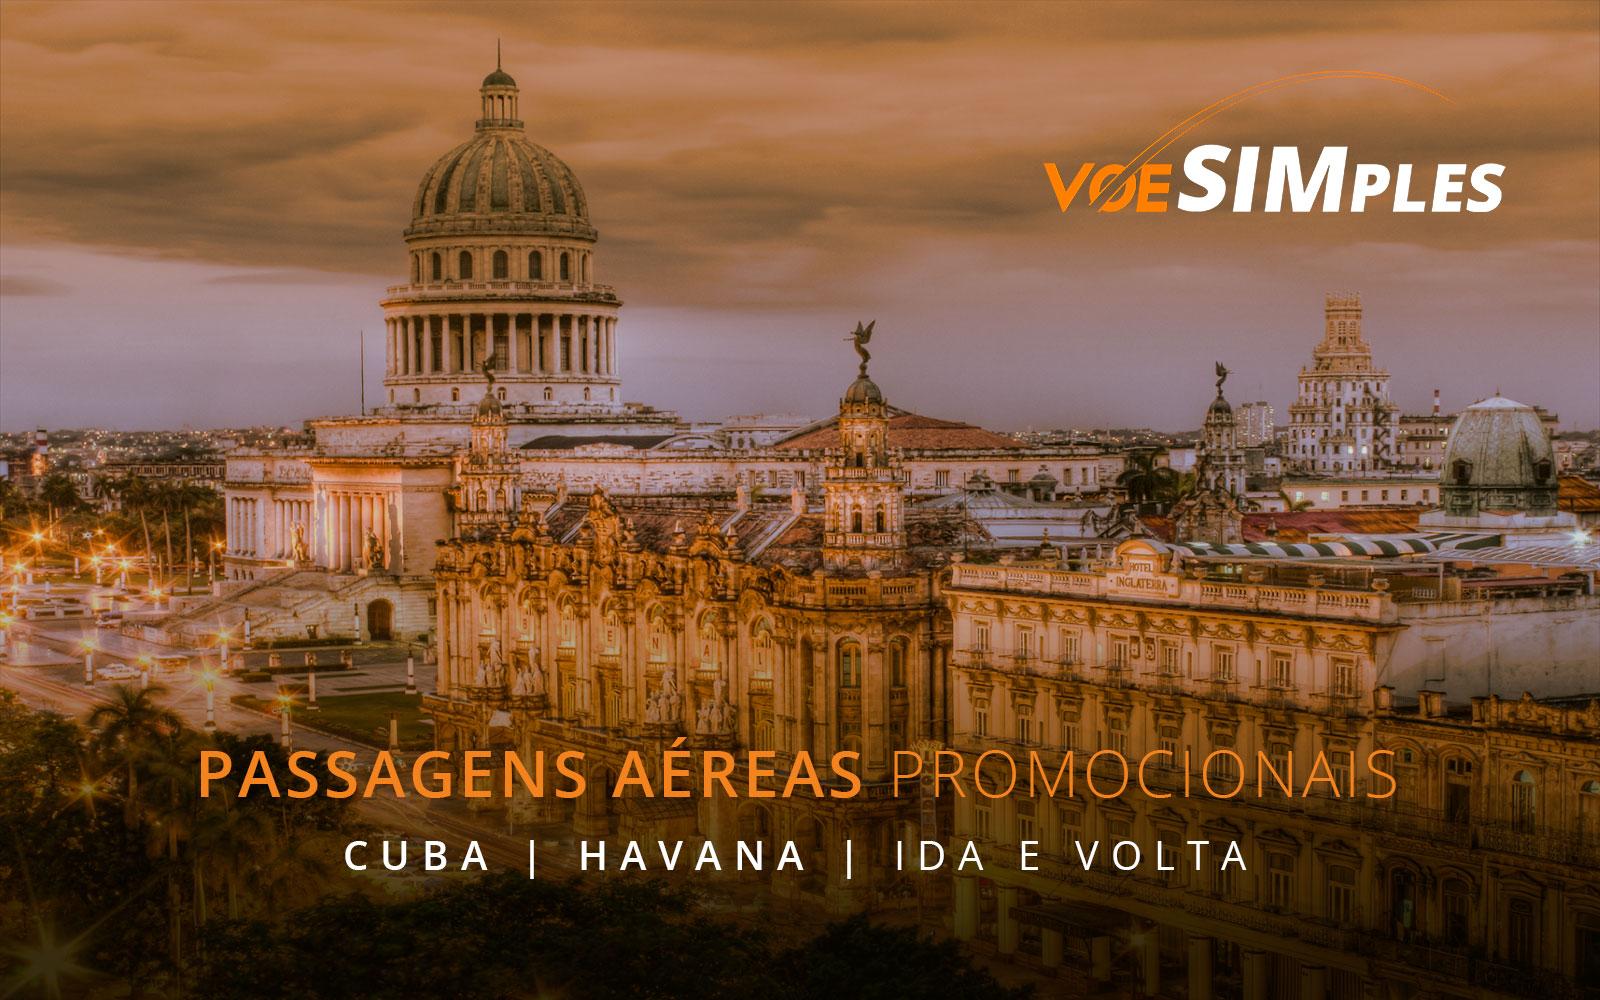 Passagens aéreas promocionais para Havana em Cuba